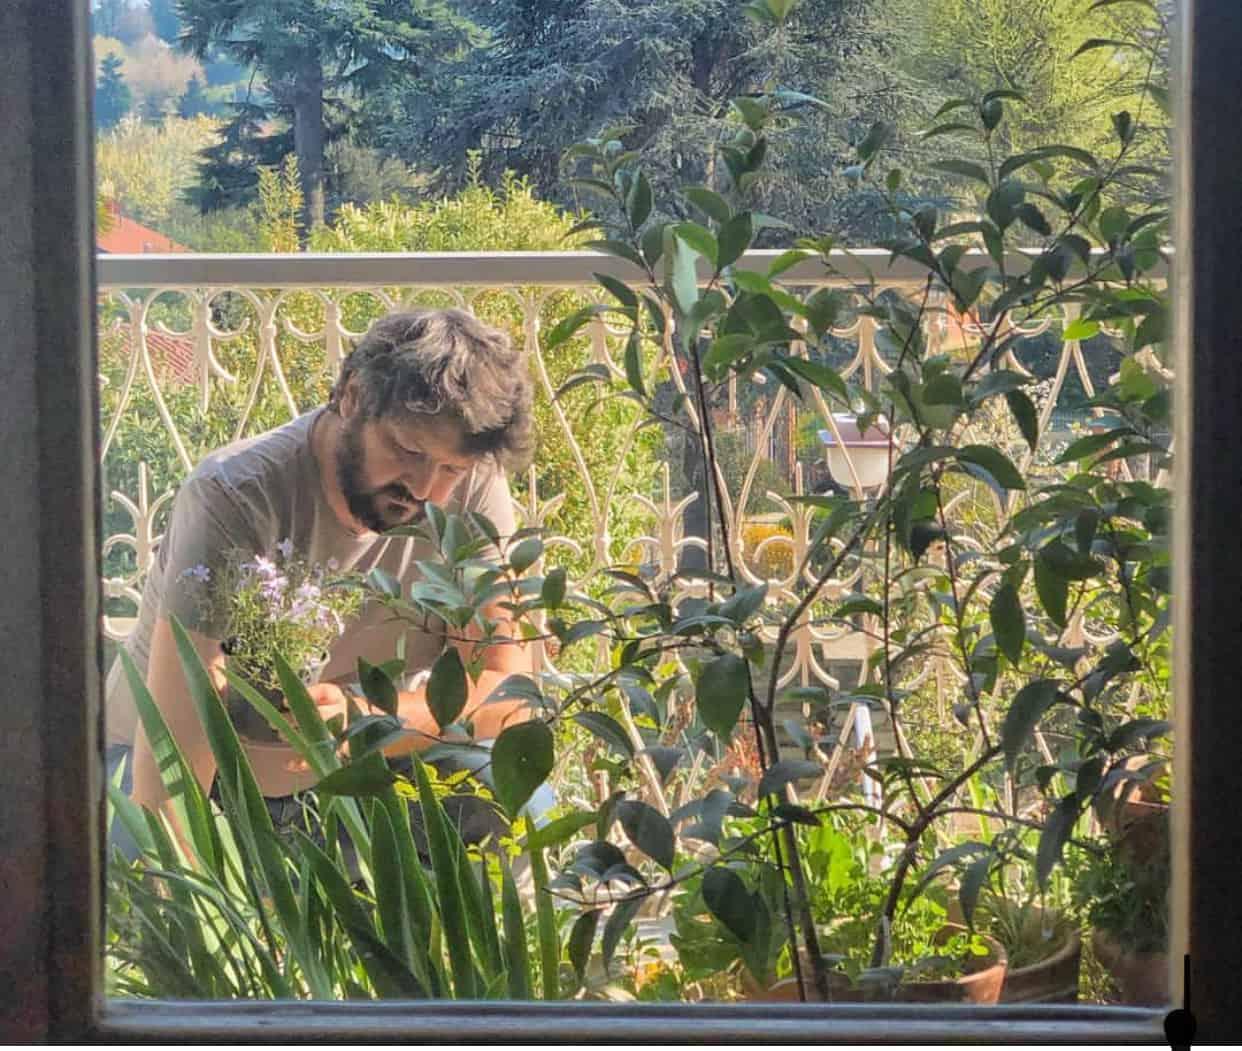 Paolo Astrua filosofo vegetale al lavoro in giardino